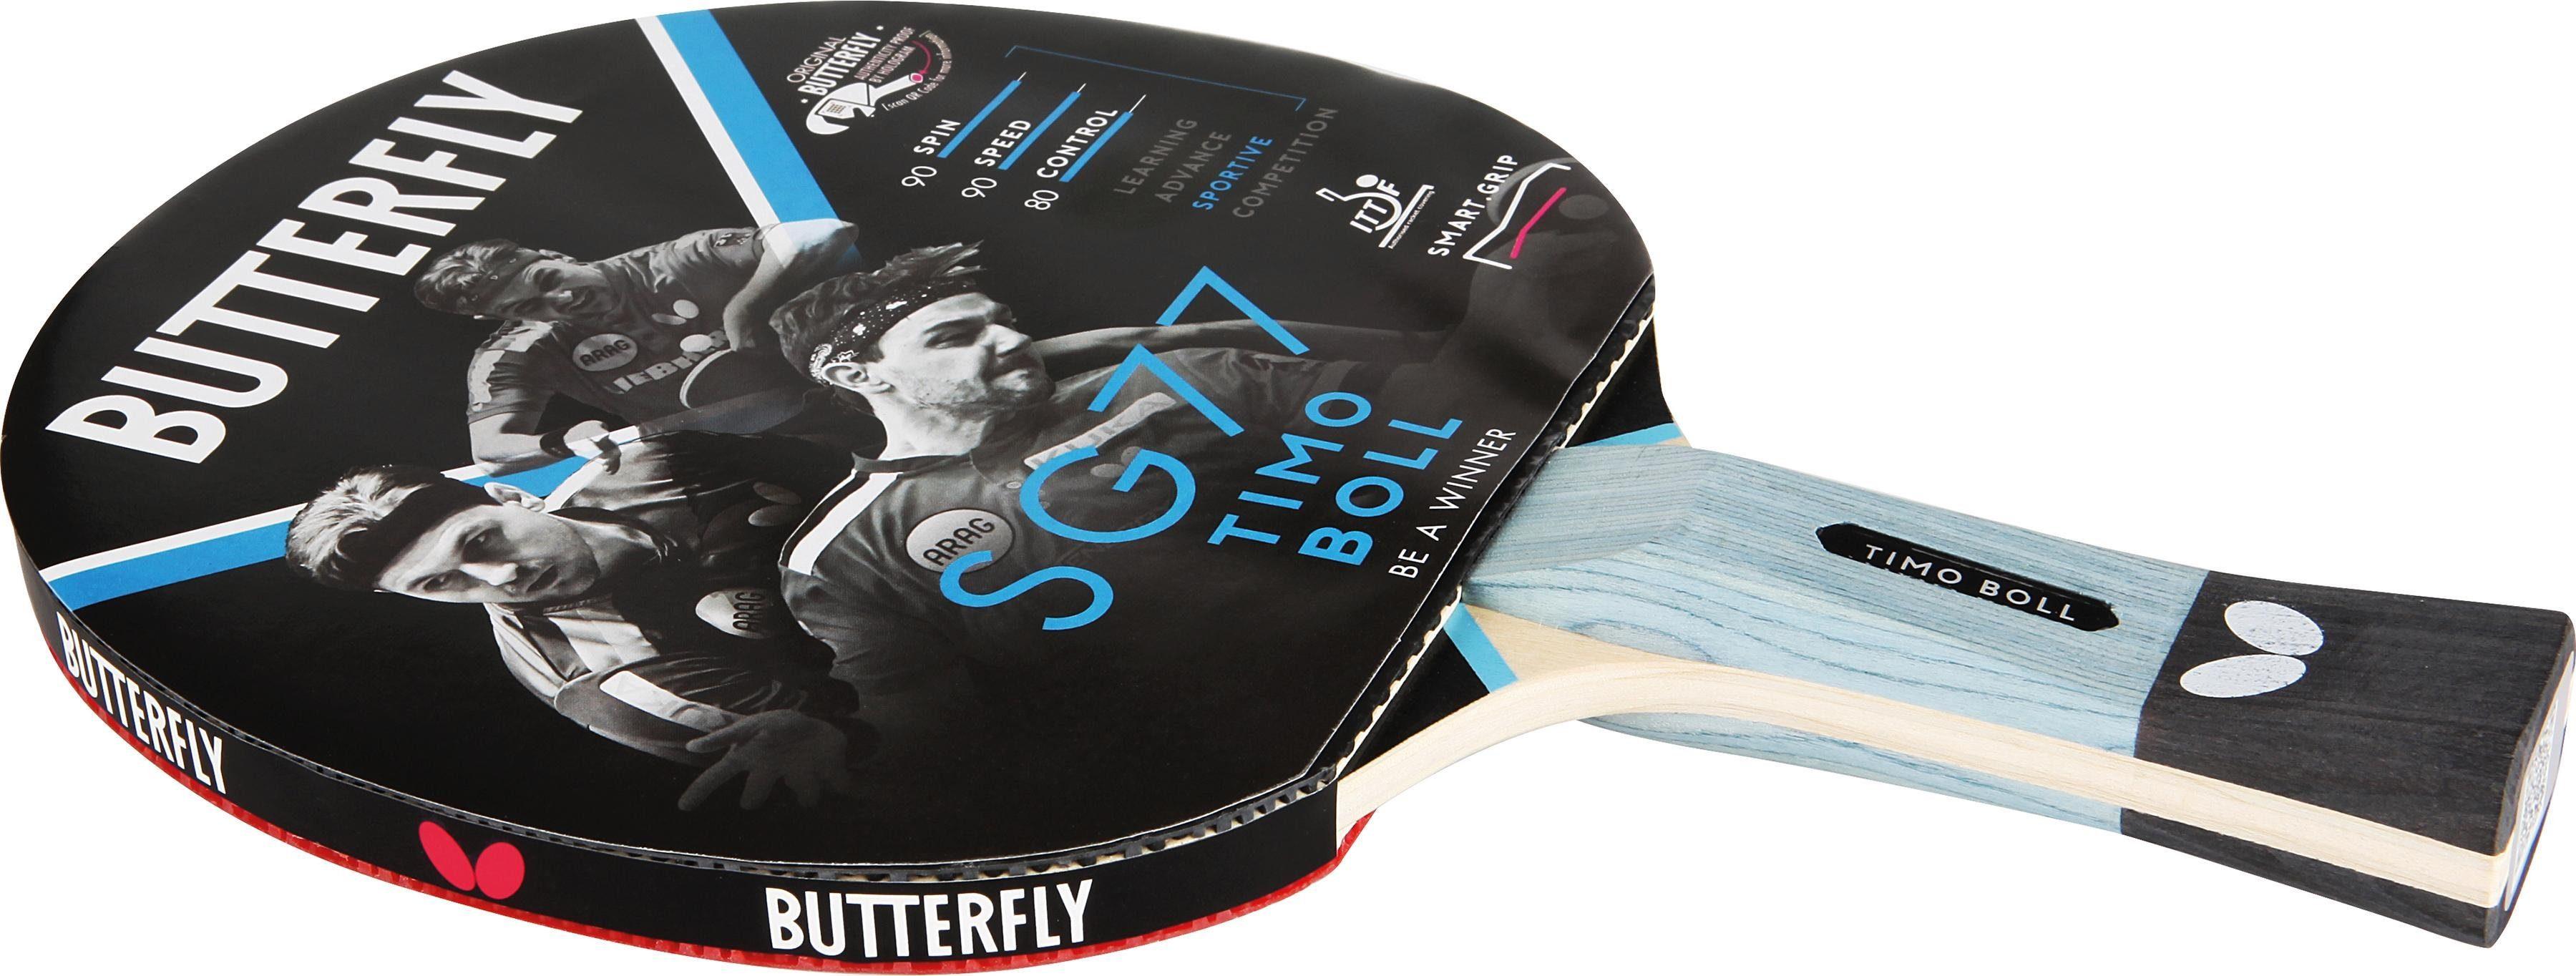 Butterfly Tischtennisschläger Timo Boll SG77 Technik & Freizeit/Sport & Freizeit/Sportarten/Tischtennis/Tischtennis-Ausrüstung